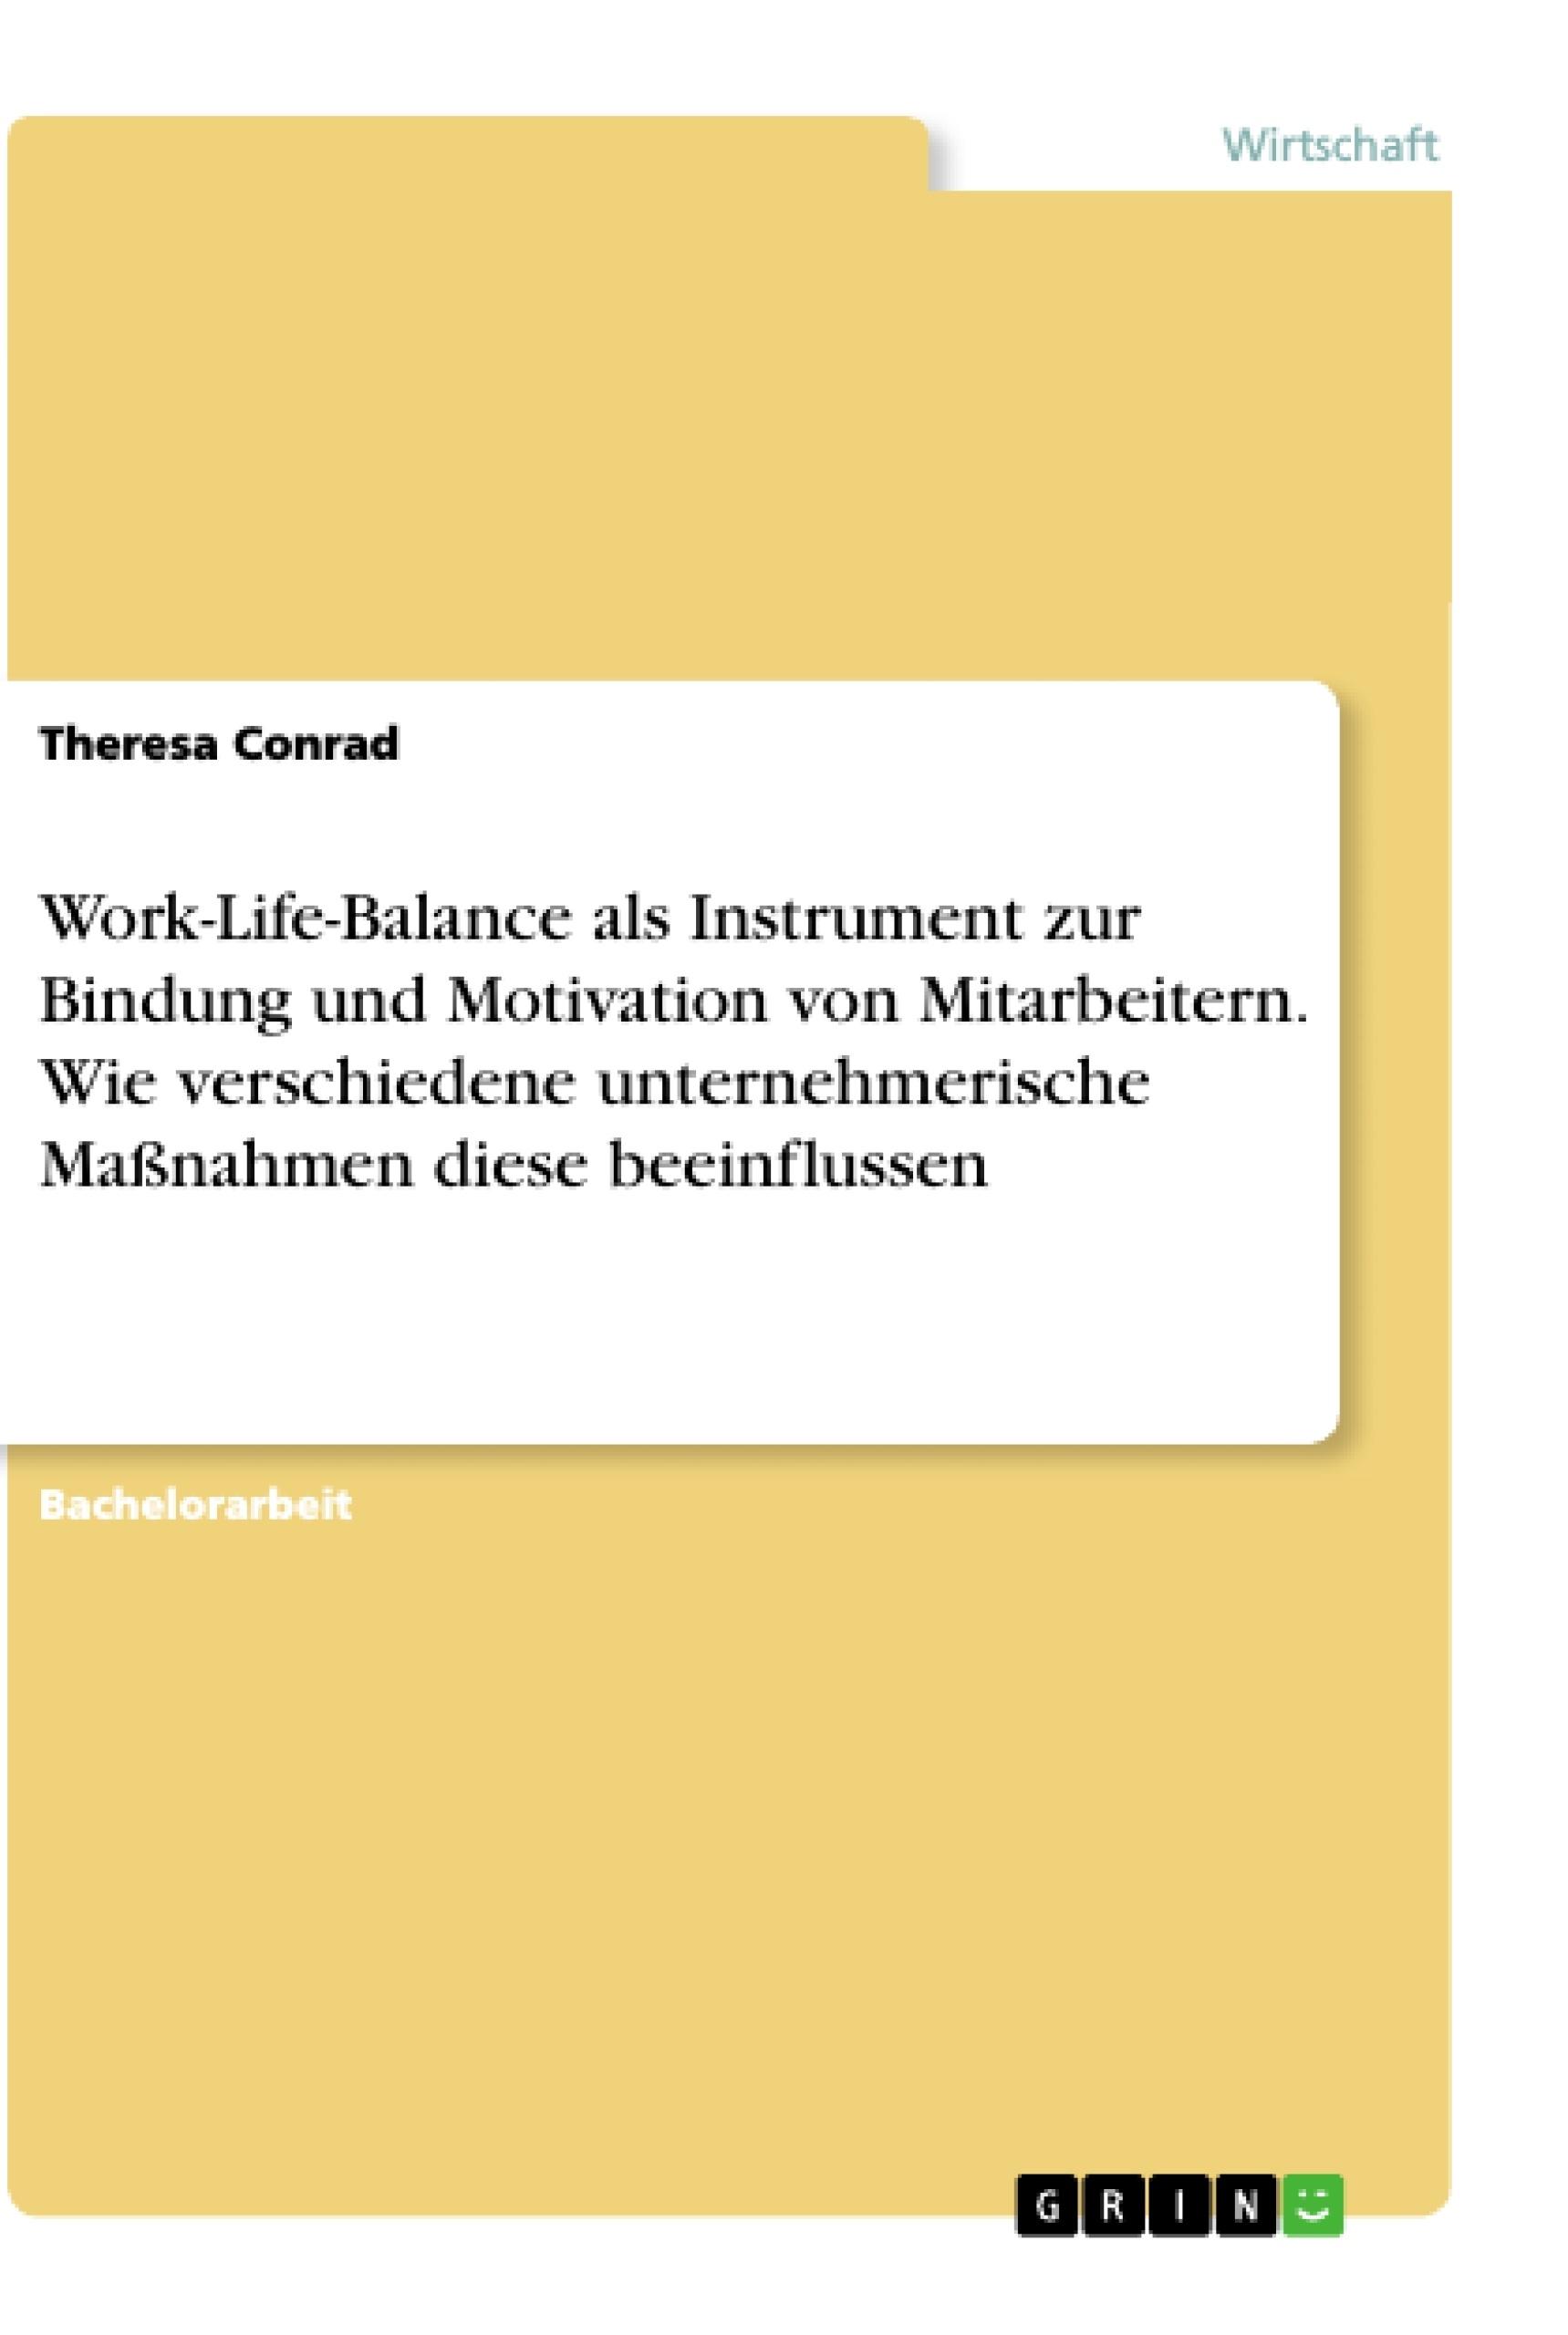 Titel: Work-Life-Balance als Instrument zur Bindung und Motivation von Mitarbeitern. Wie verschiedene unternehmerische Maßnahmen diese beeinflussen